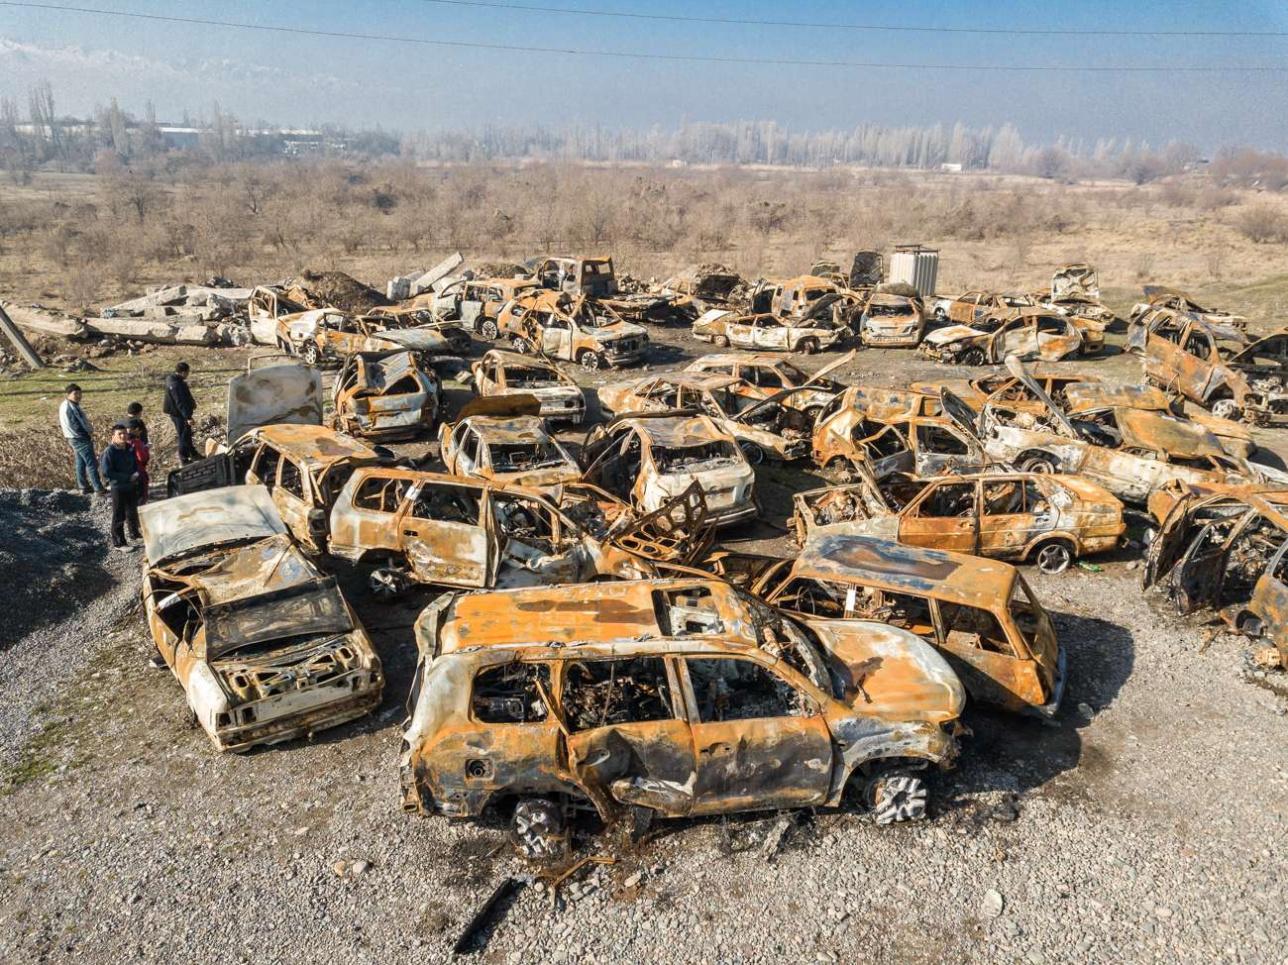 Кладбище сгоревших автомобилей вблизи села Аукатты